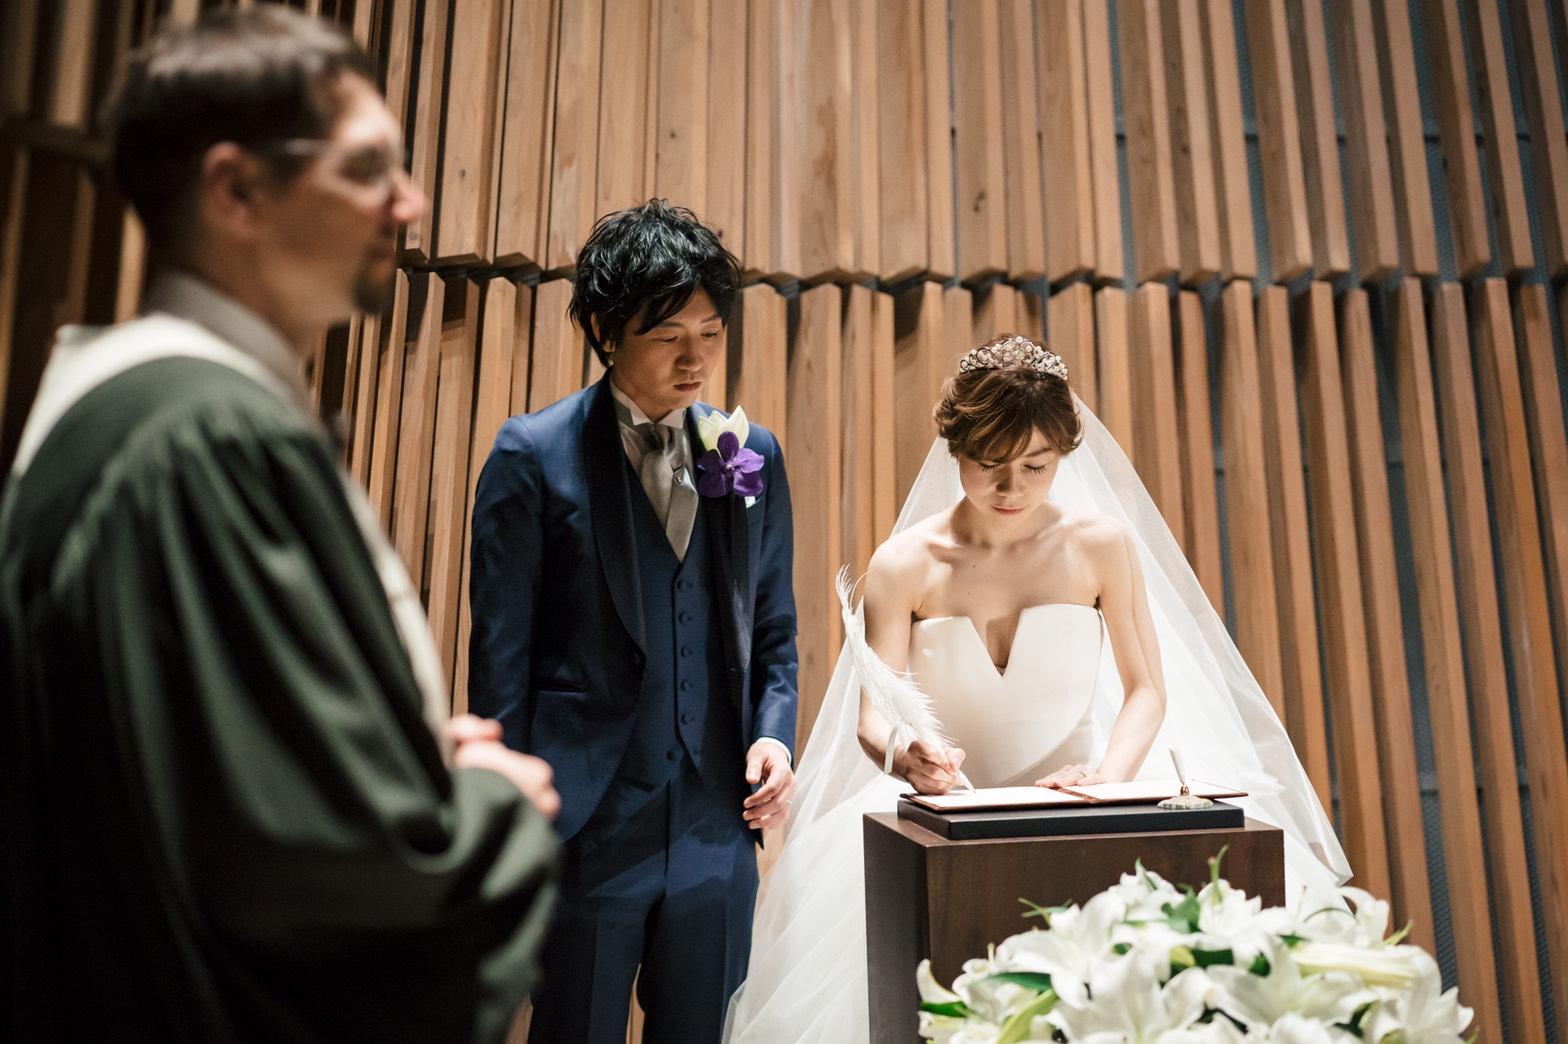 式 て 笑っ 結婚 こらえ て